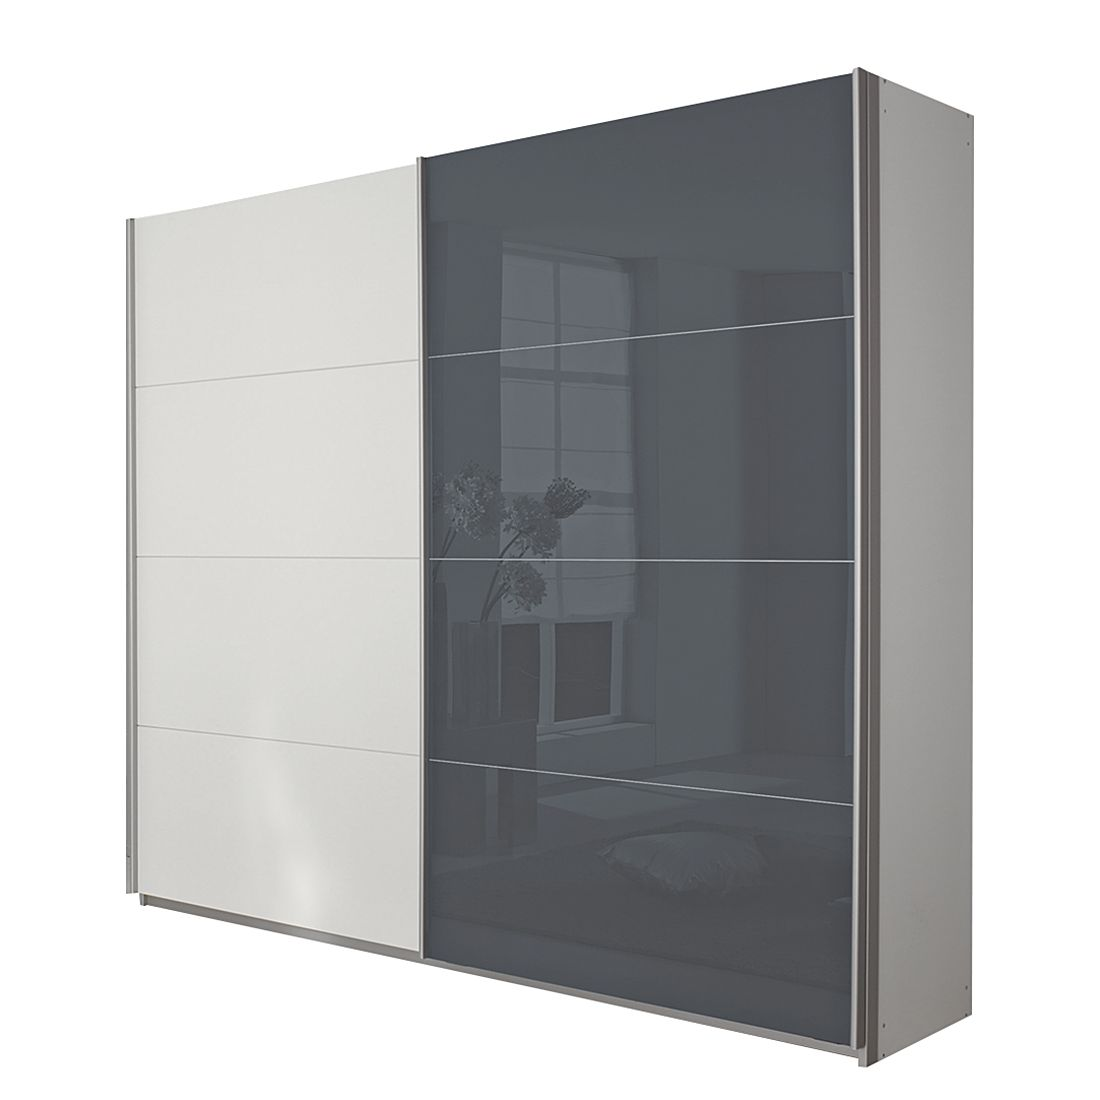 schwebet renschrank quadra alpinwei grau schrankbreite 136 cm. Black Bedroom Furniture Sets. Home Design Ideas